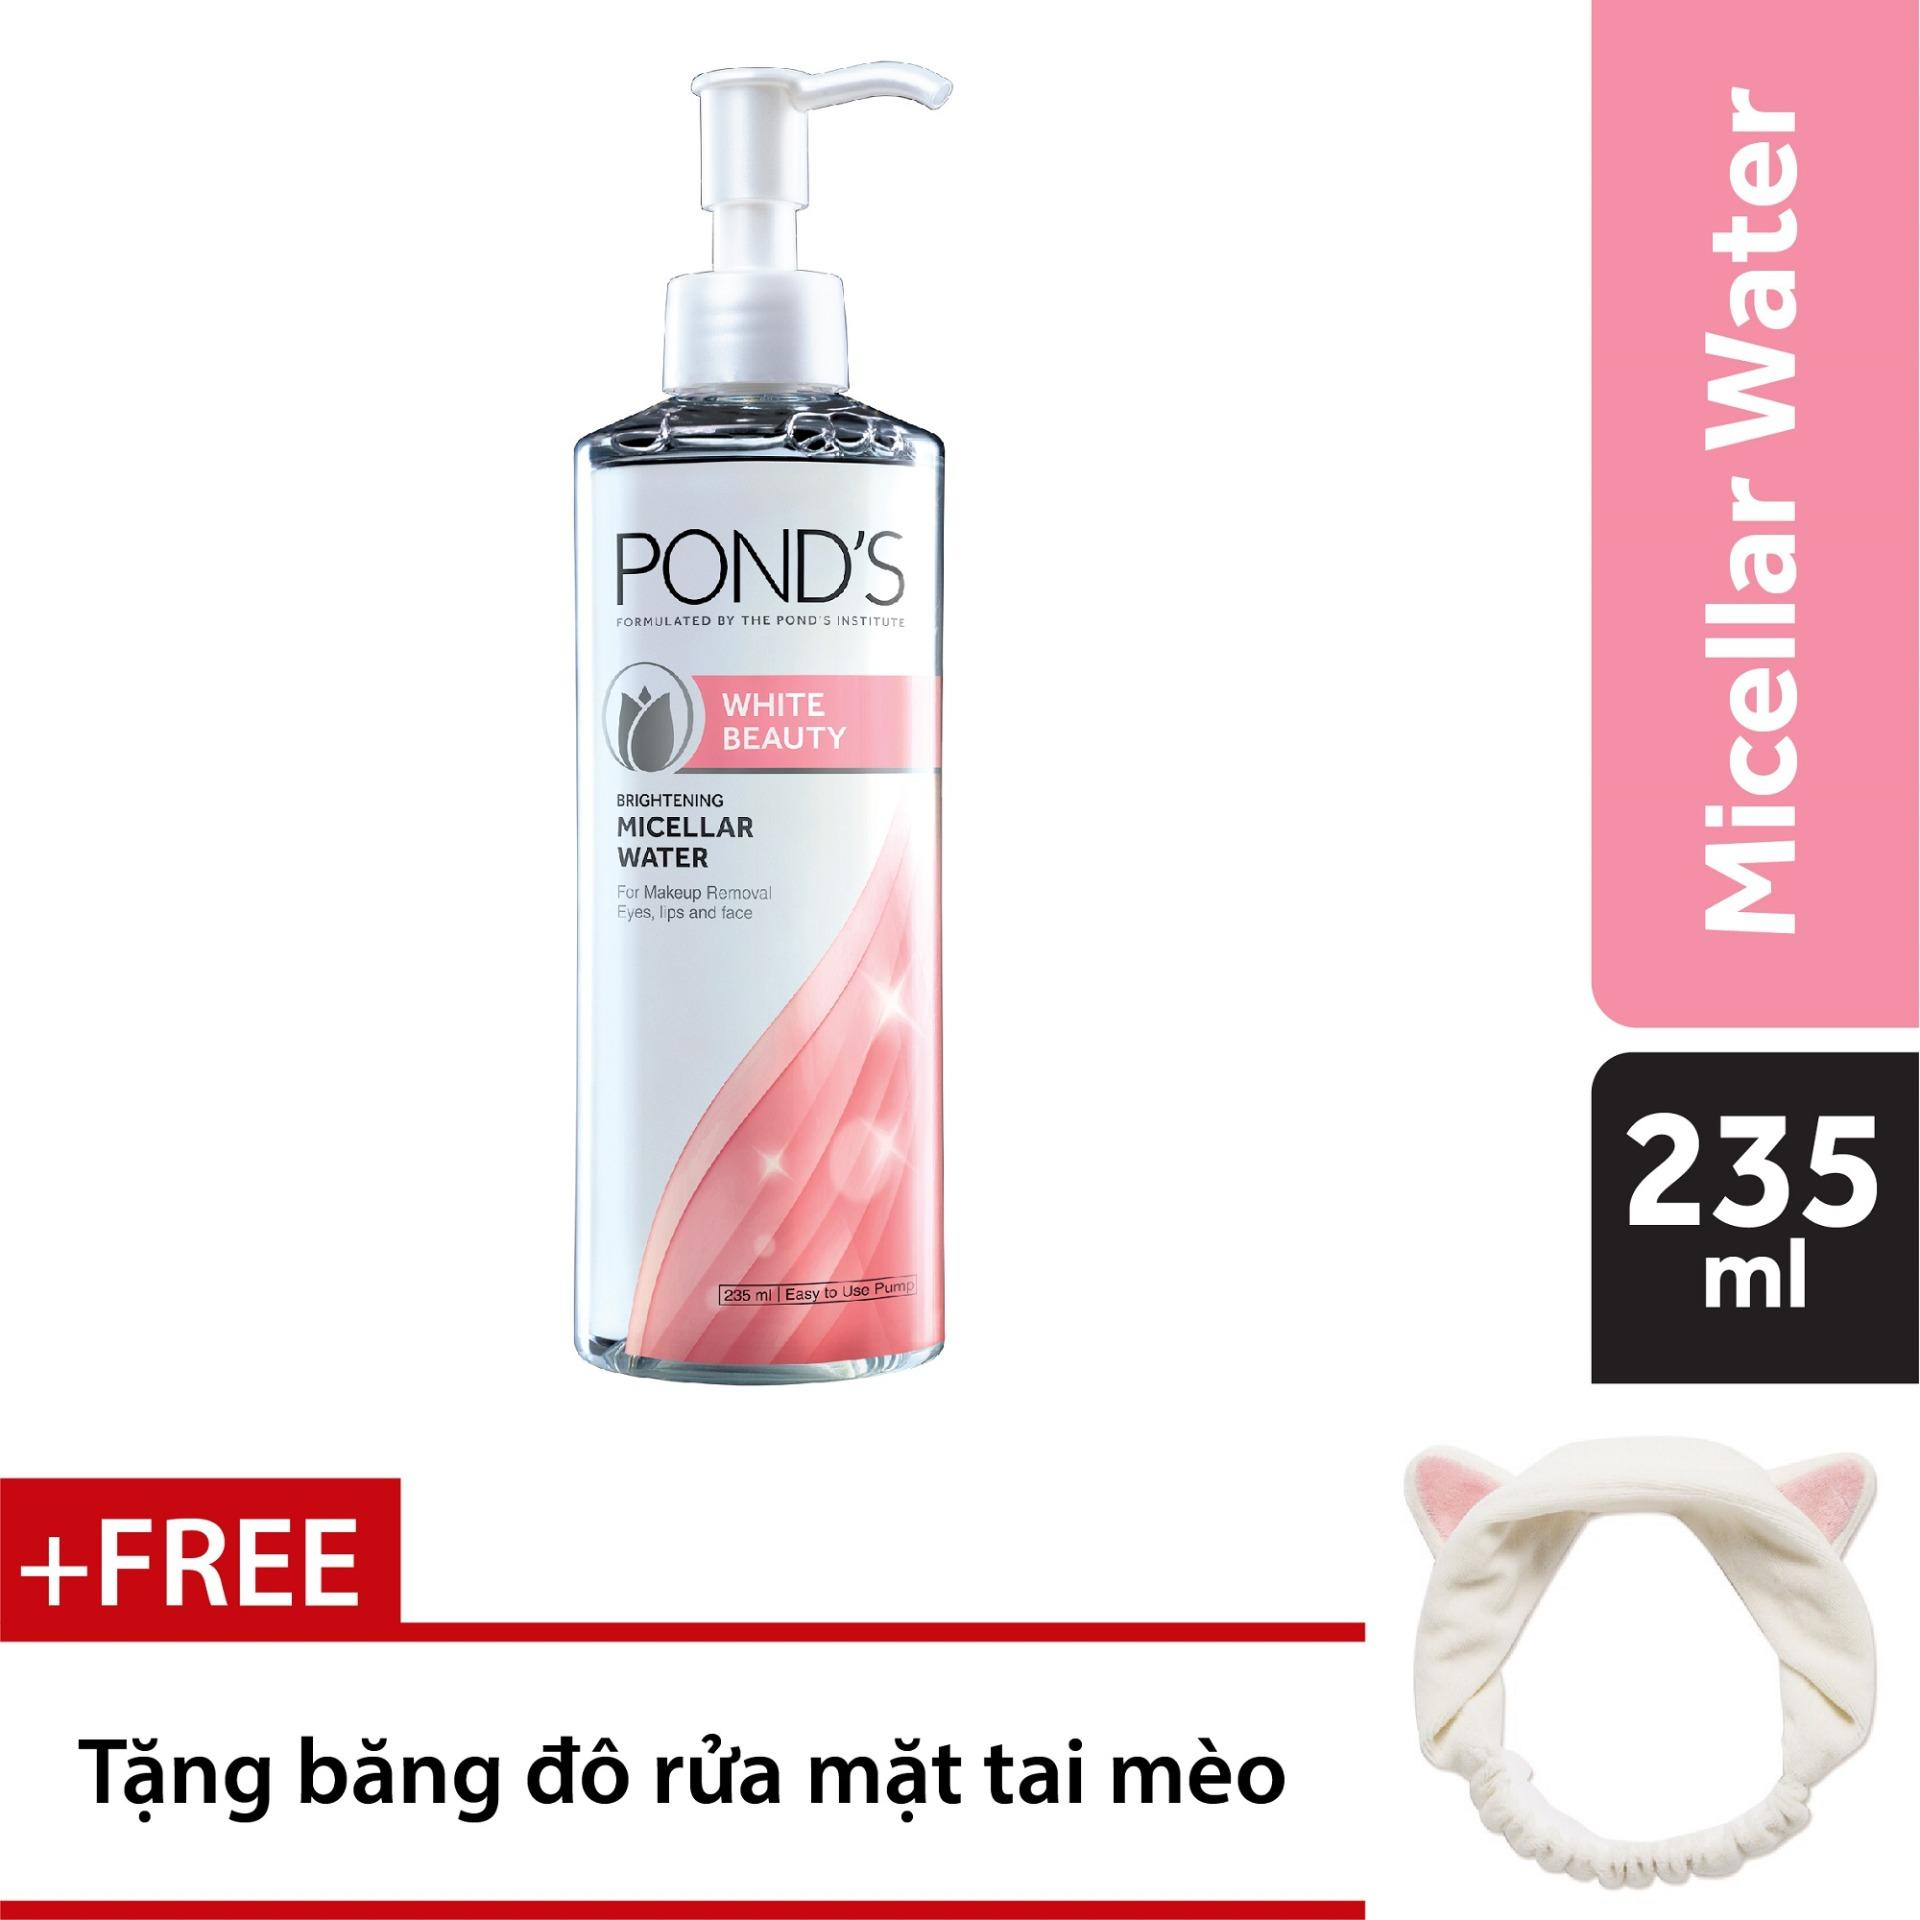 Nước tẩy trang làm sáng da Pond's White Beauty Micellar Water 235ml + Tặng băng đô tai mèo